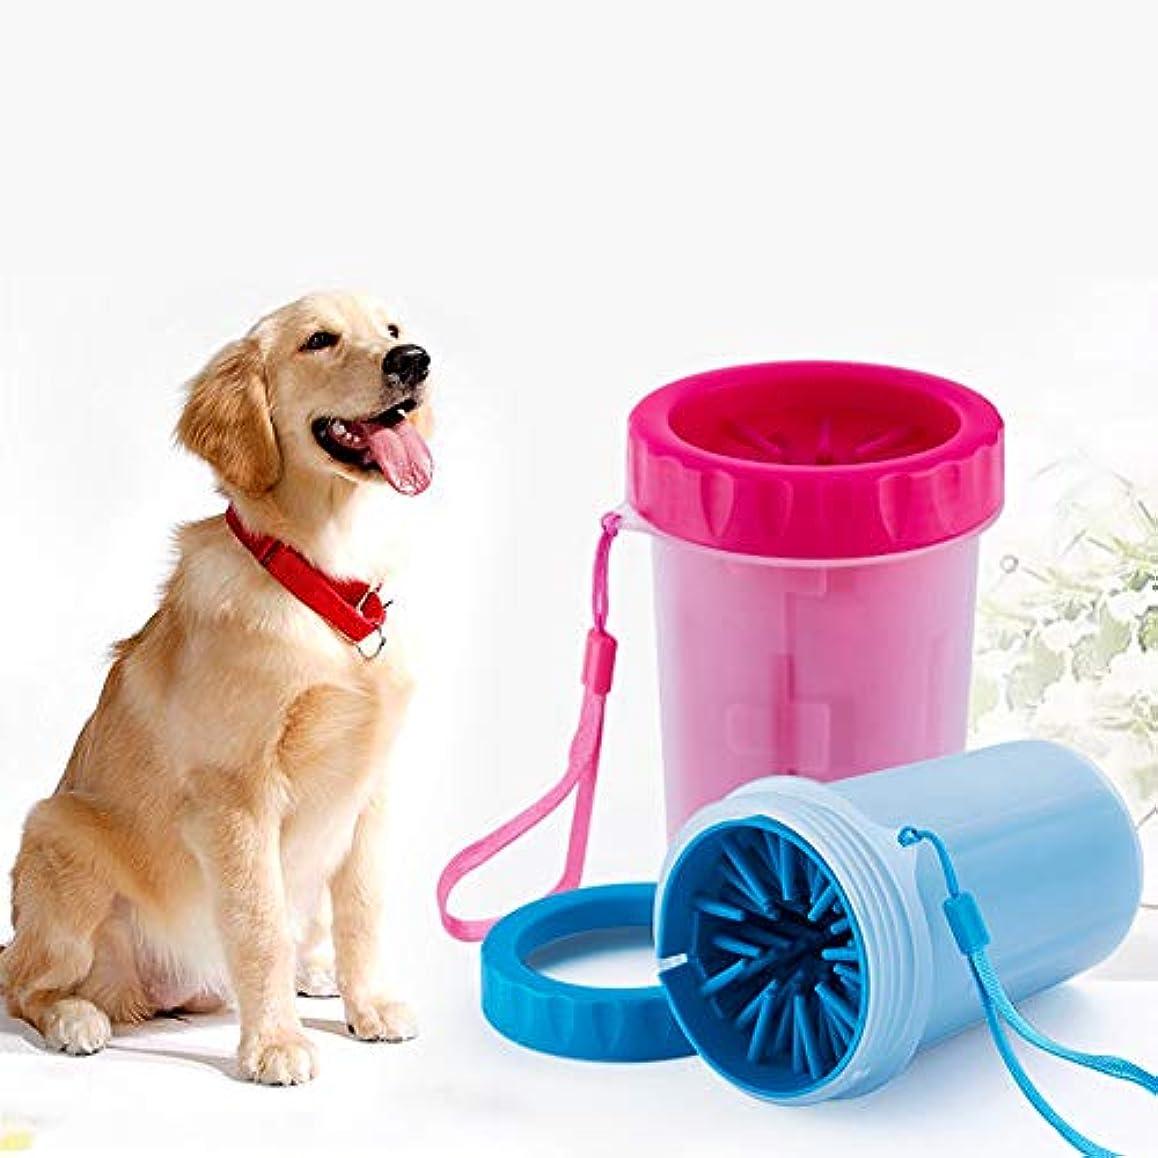 階層サーキットに行く許容犬 足洗い ブラシカップ 犬用品 犬足ブラシ ペット足洗い ブラシカップ ペット用品 足洗いカップ 足クリーナー マッサージクリーナー  洗浄カップ 犬 猫   小型犬 中型犬 大型犬 2色(S/L) ピンク L